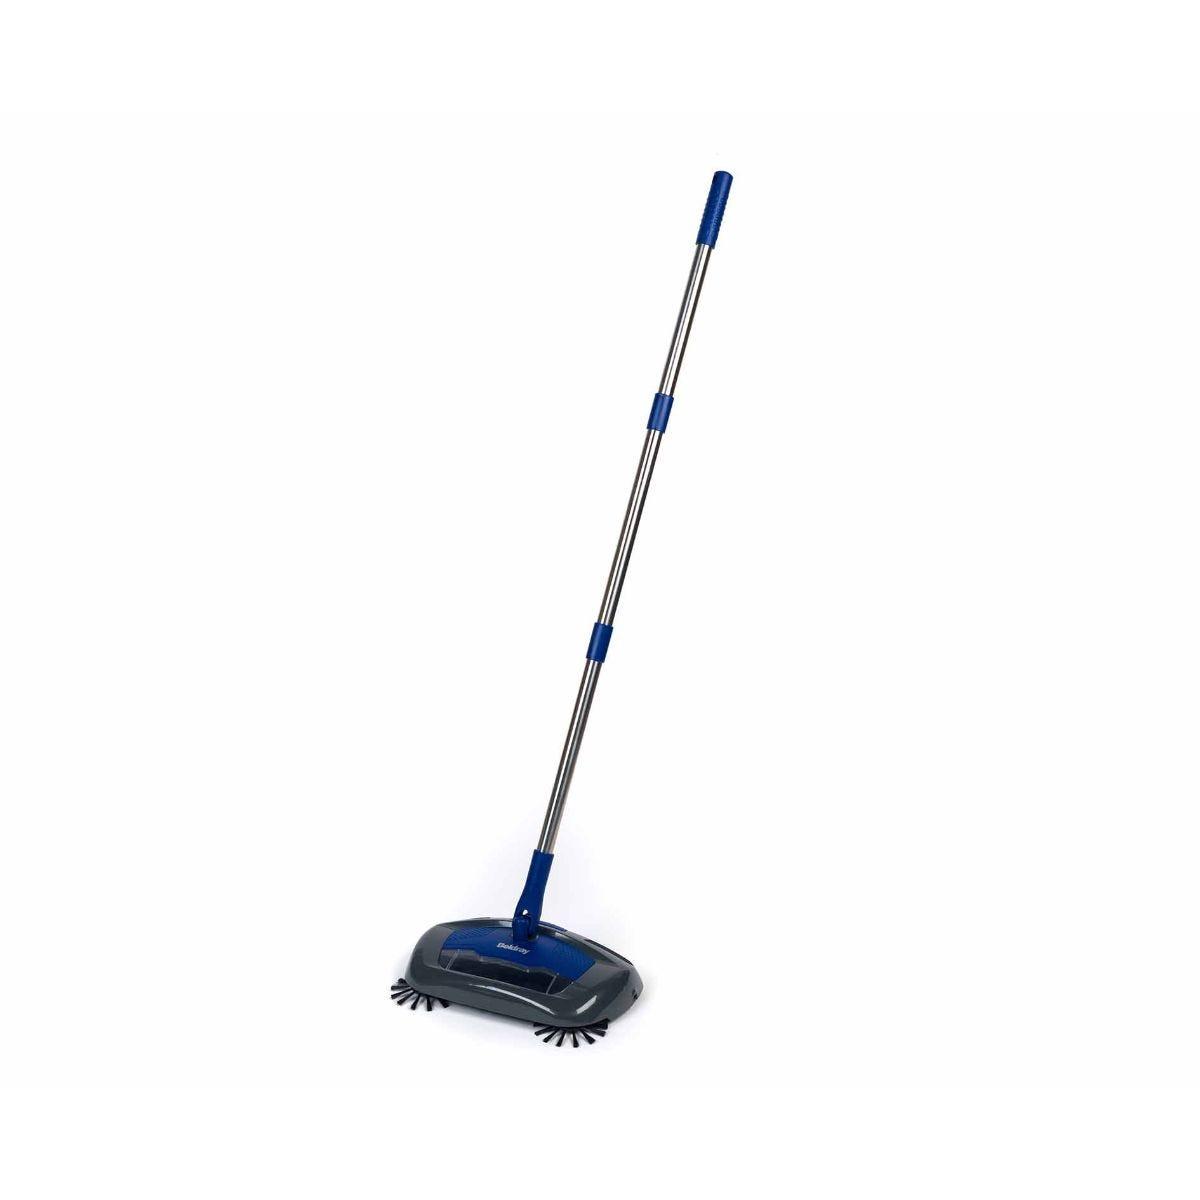 Beldray Turbo Spinner Electric Floor Brush, Blue